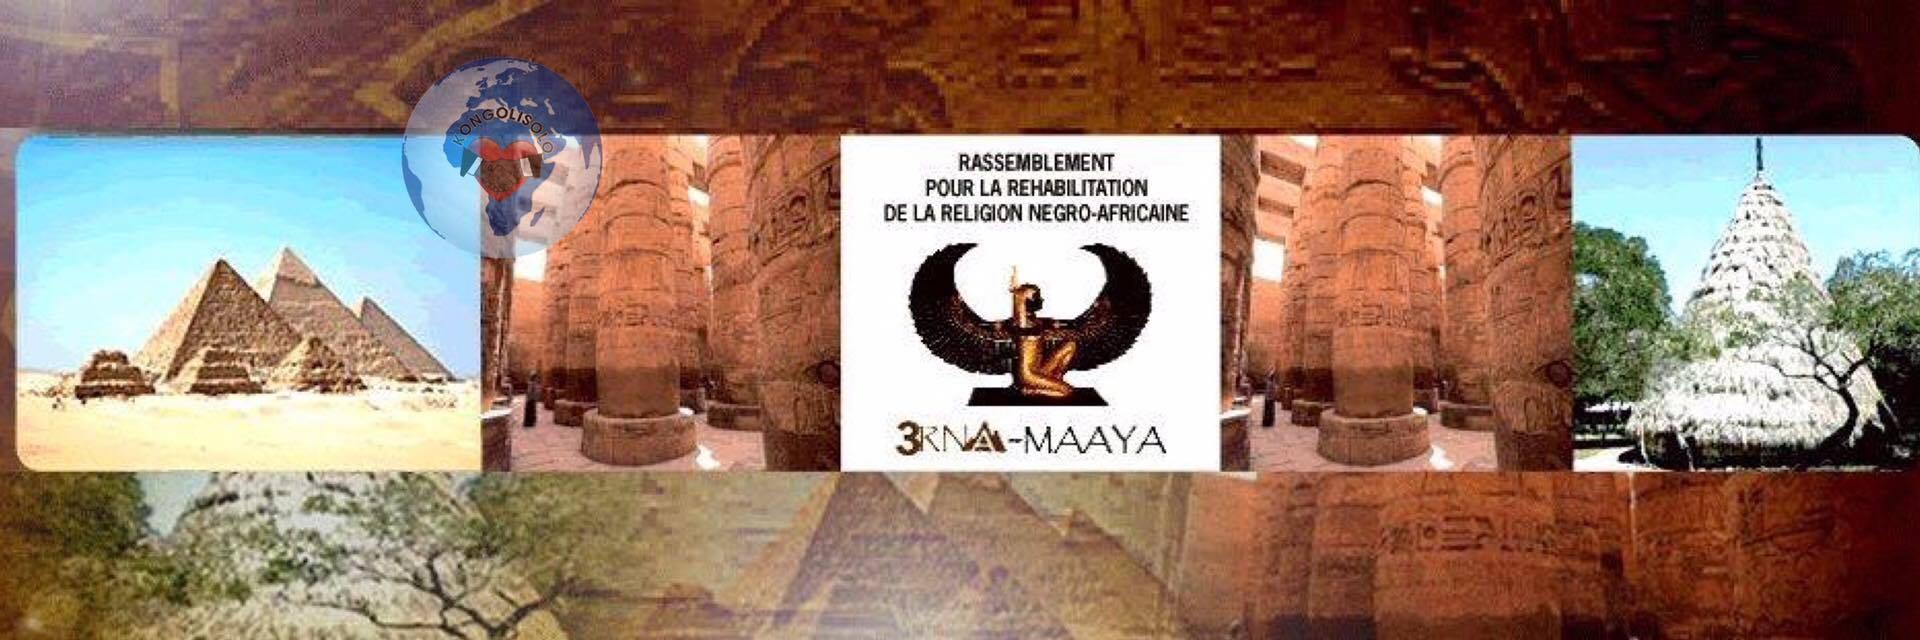 Dommage que nous ne pouvons pas prendre possession des vestiges et temples religieux de nos aïeux pharaonique sous occupation arabe